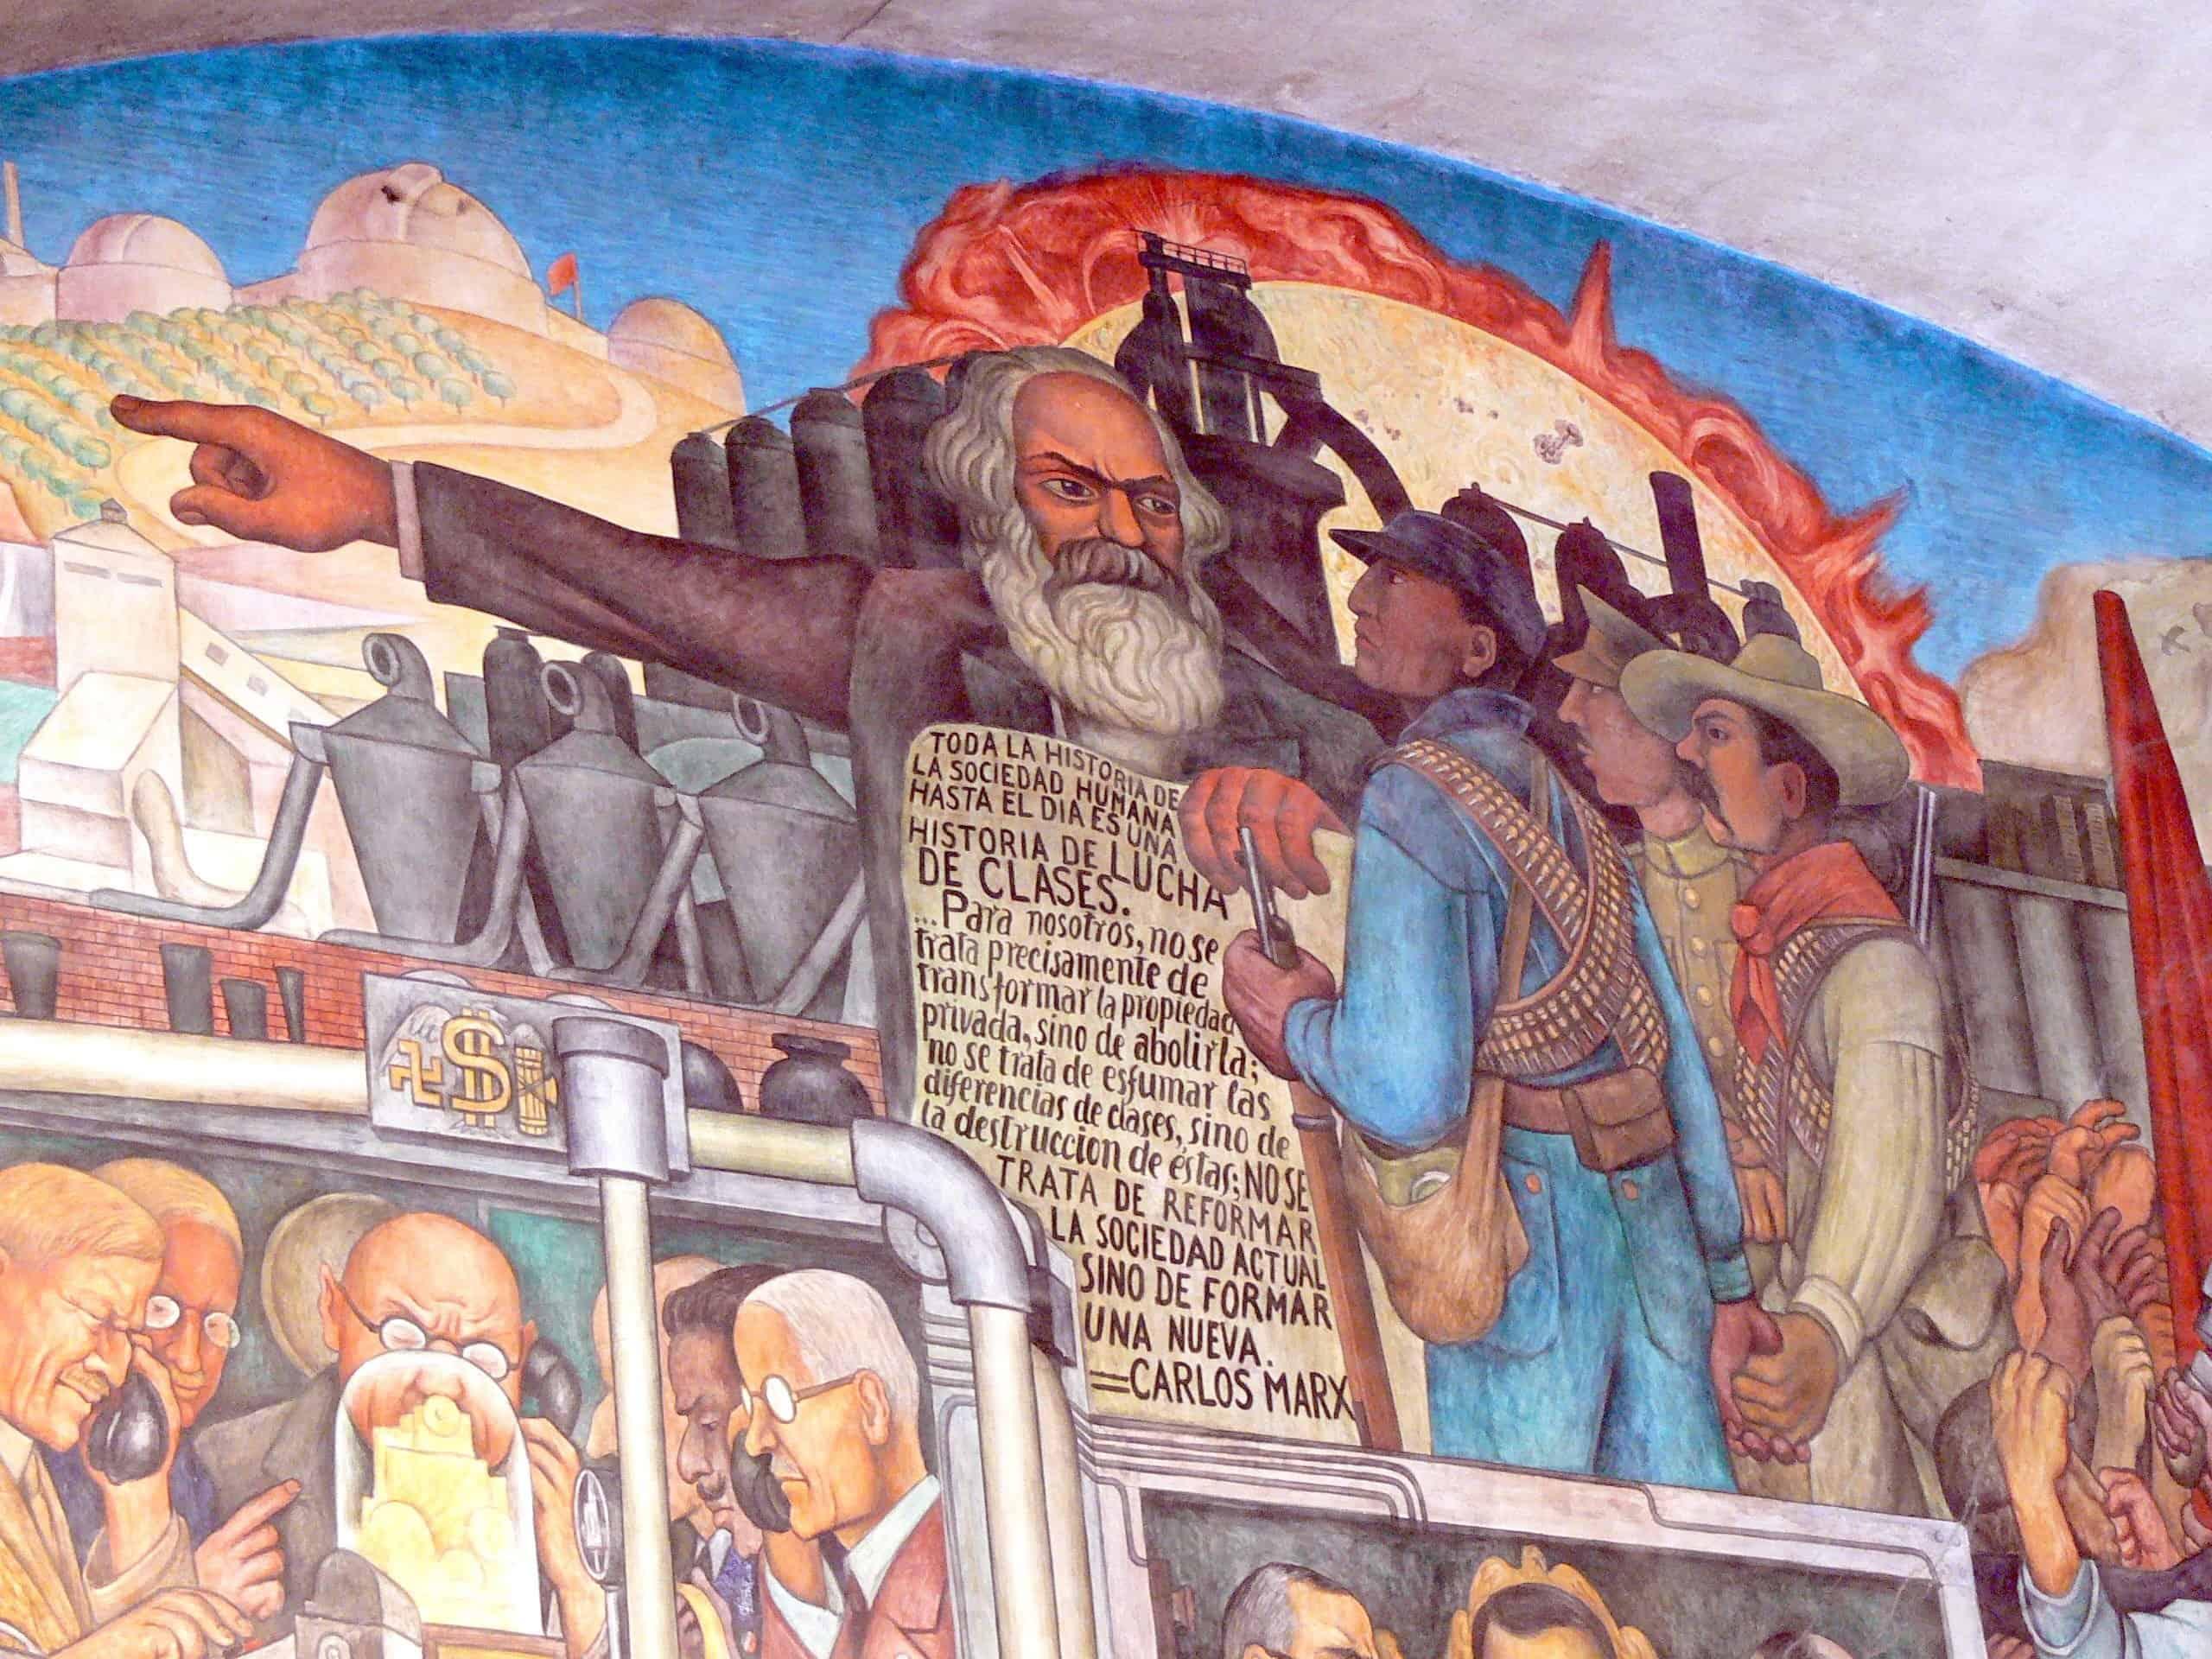 Год Маркса окончен, но актуальность Маркса не прошла.  Последняя, четвёртая статья по «Капиталу»:  Филология и словесность в «Капитале»